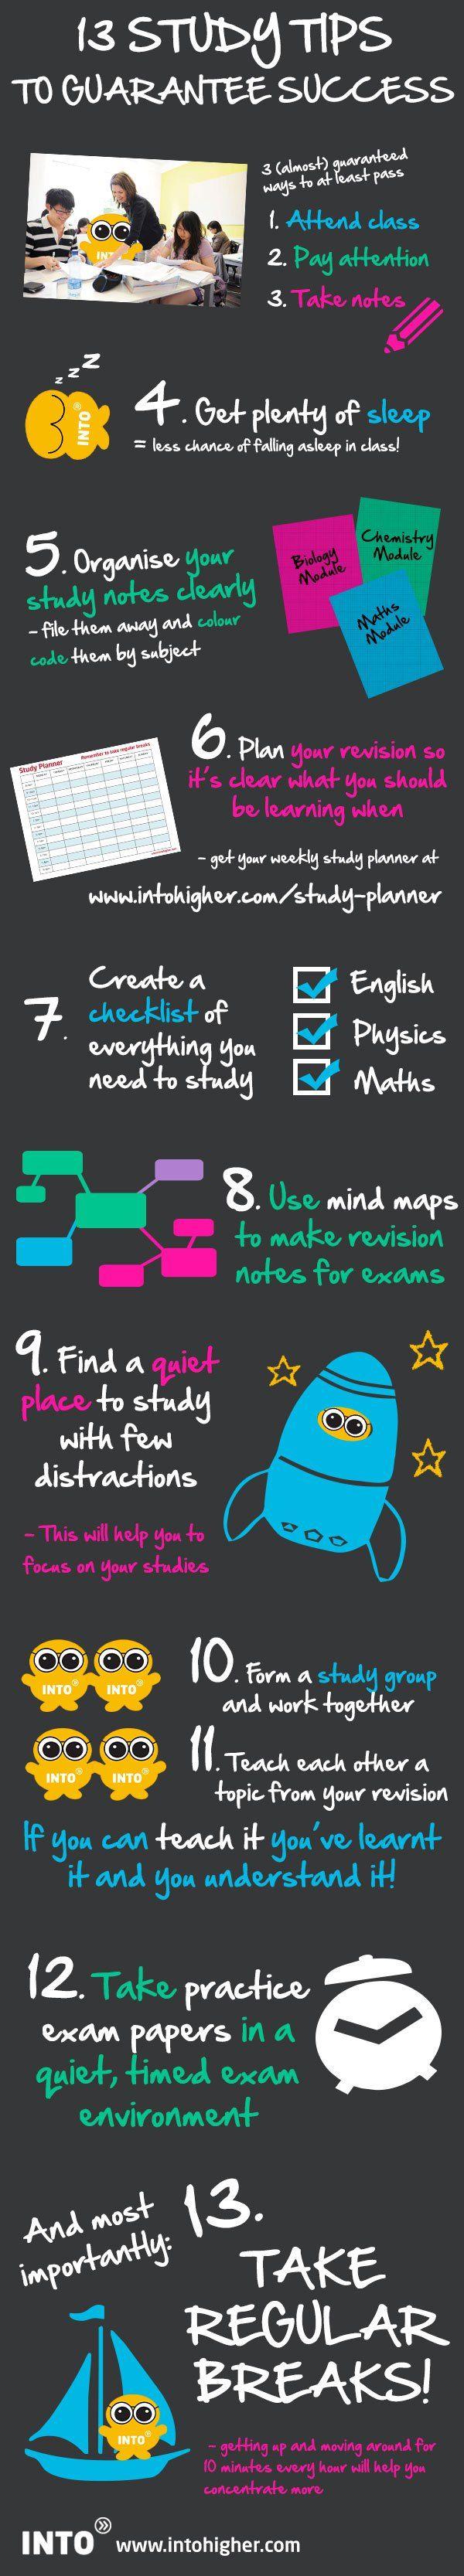 13 Study Tips to Guarantee Success